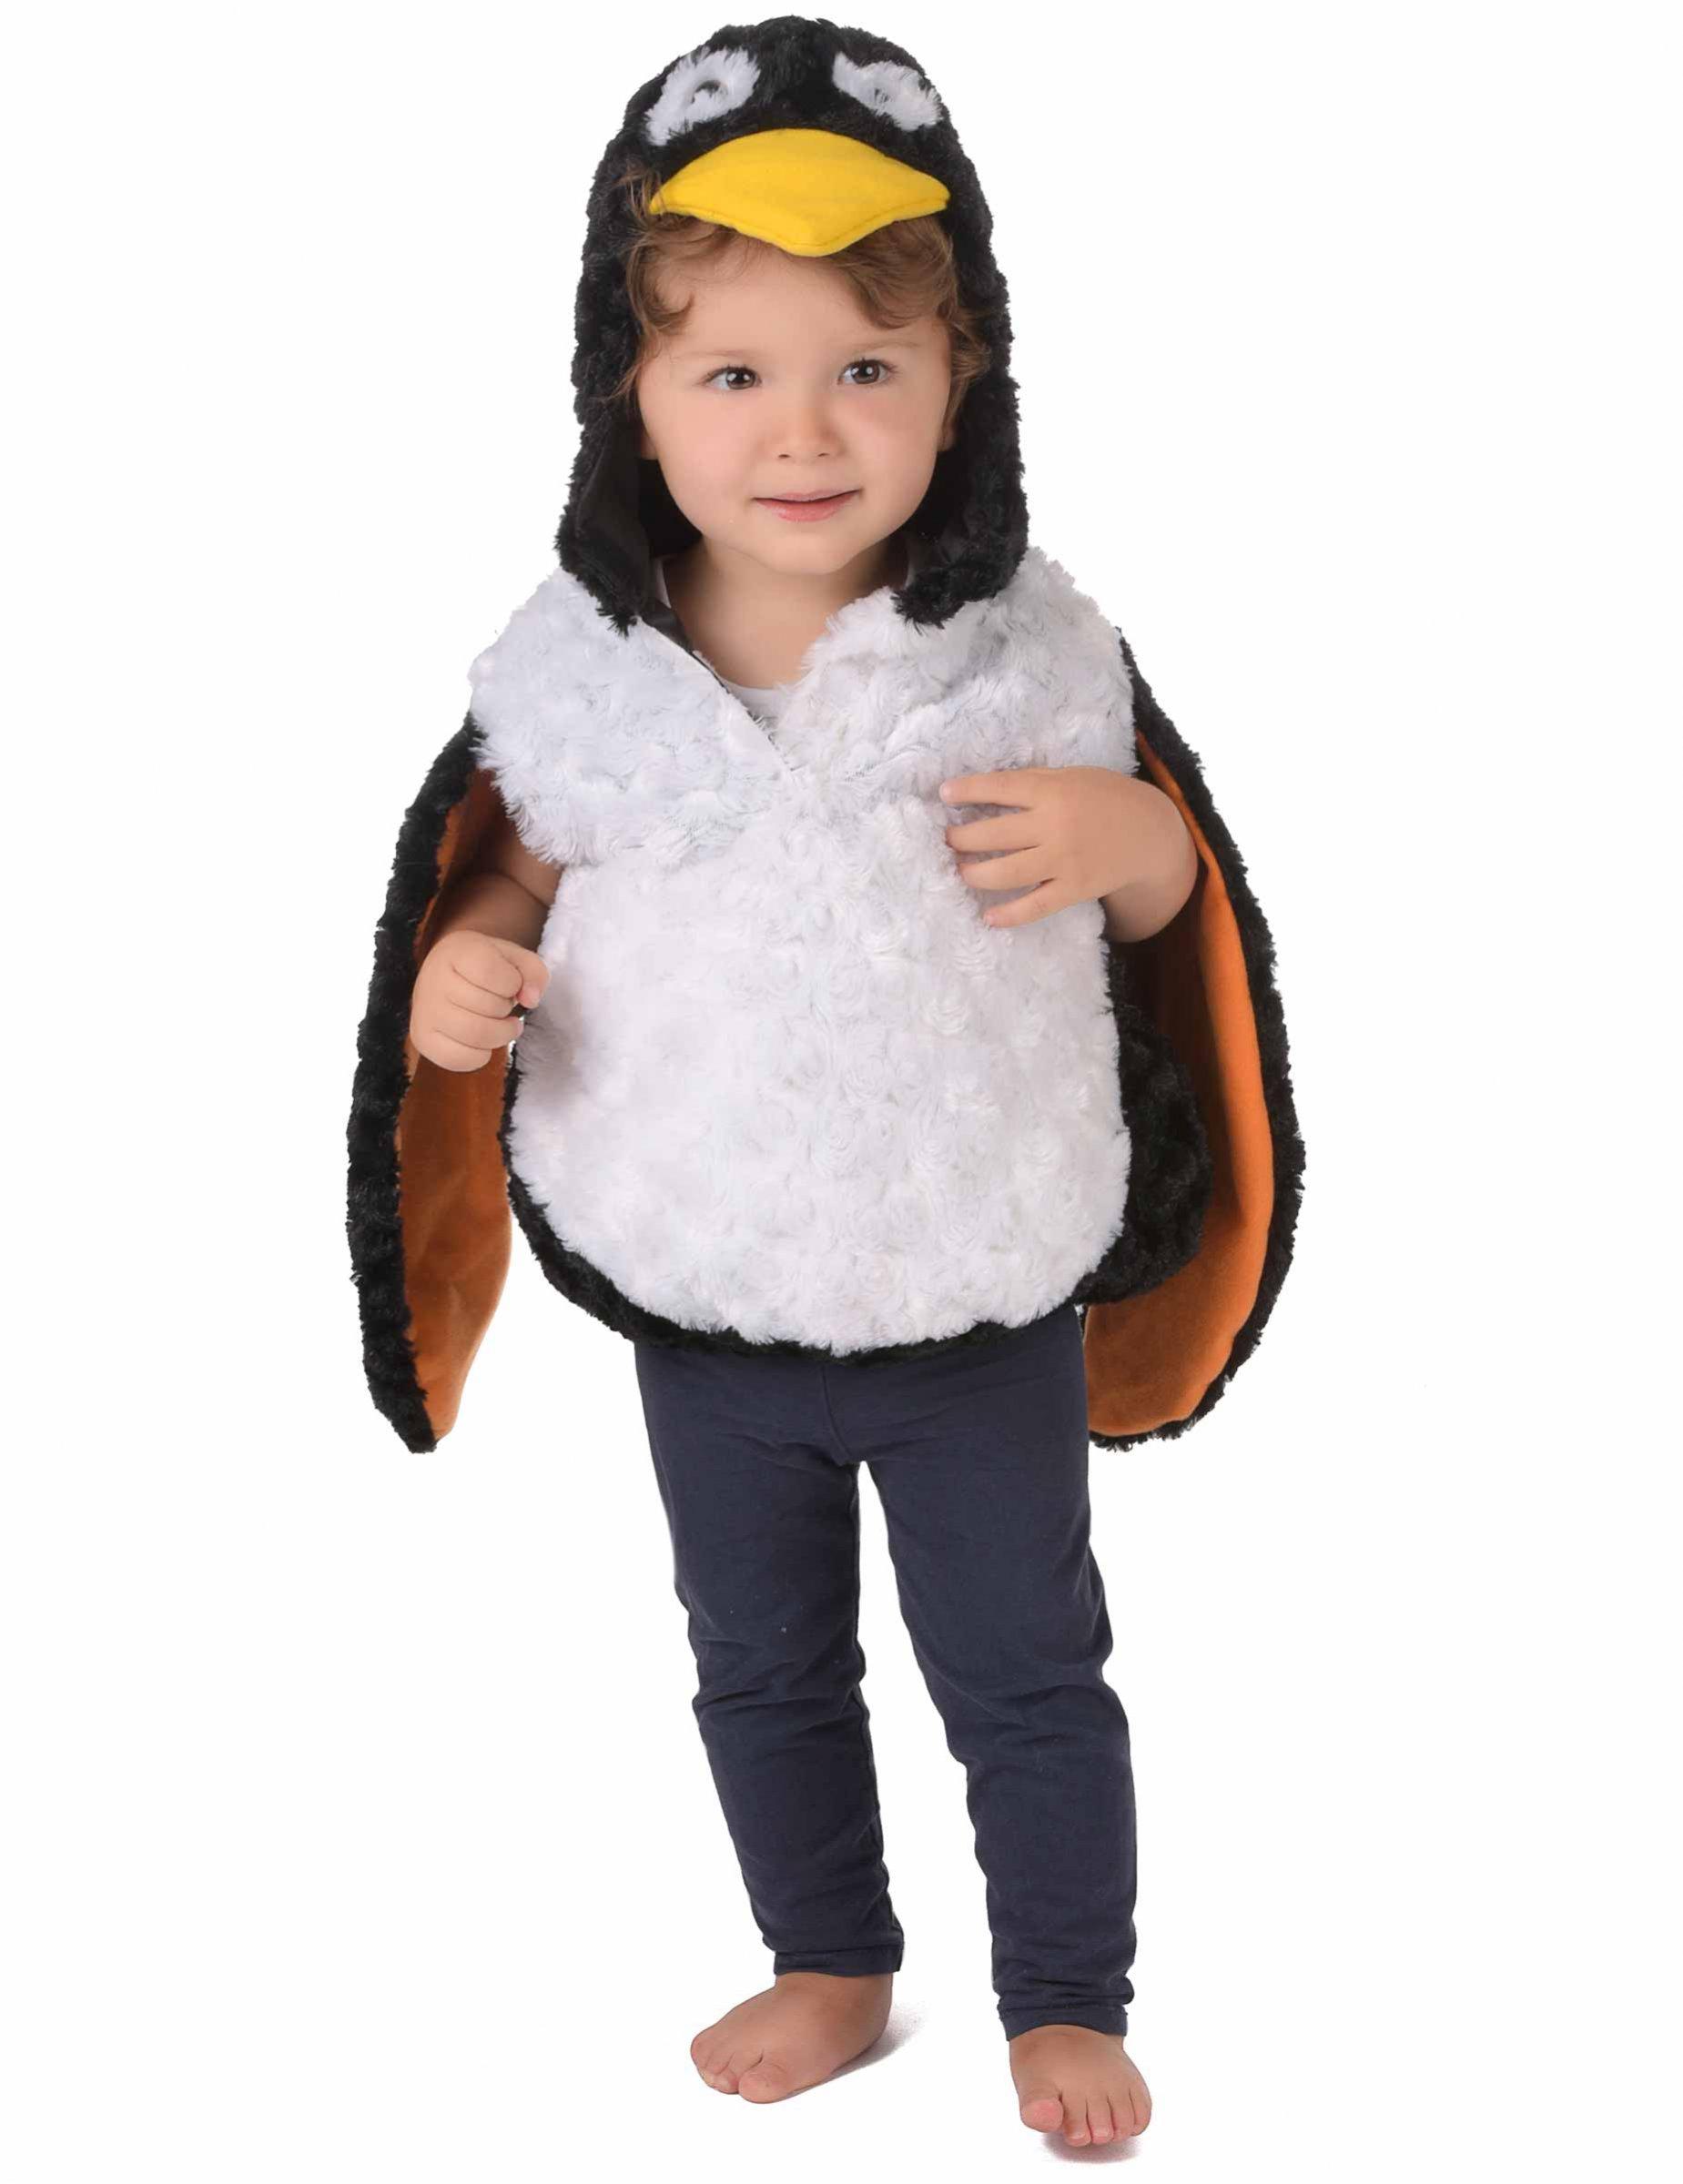 warmes pinguin kost m f r kinder kost me f r kinder und. Black Bedroom Furniture Sets. Home Design Ideas